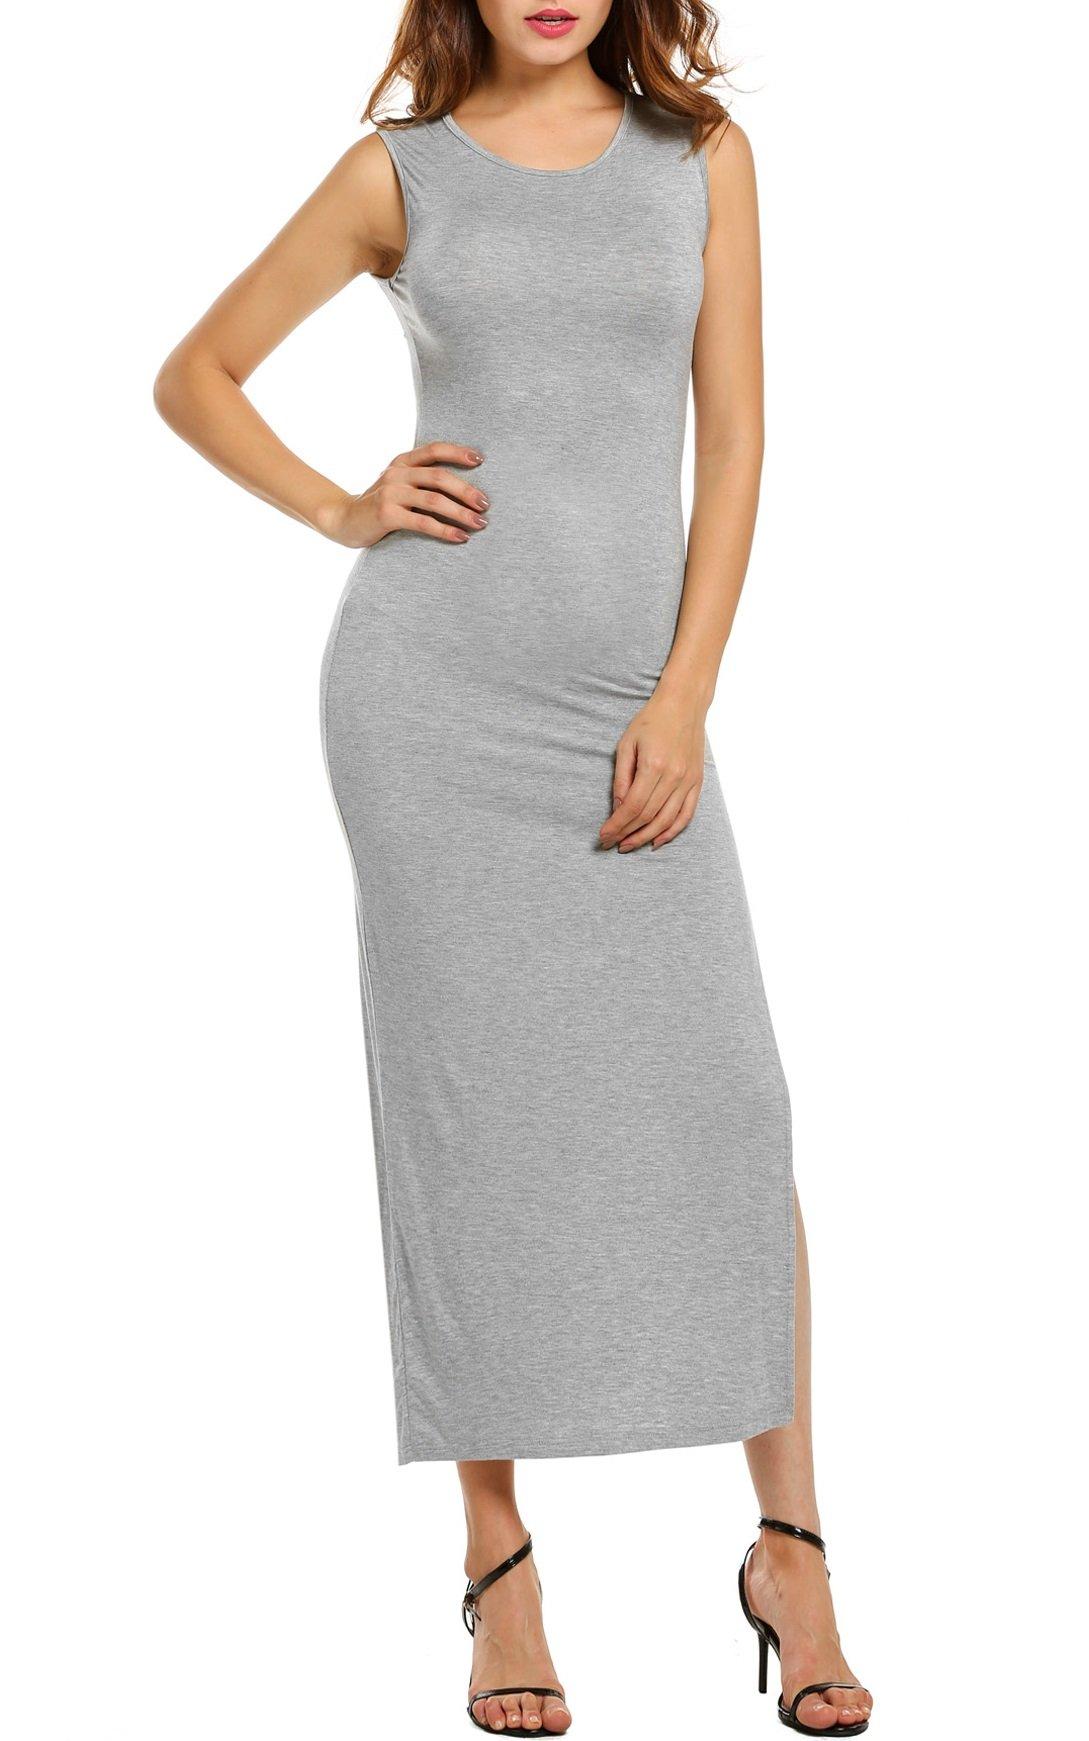 Zeagoo Women's Sleeveless High Slit Bodycon Summer Beach Vacation Long Maxi Dress